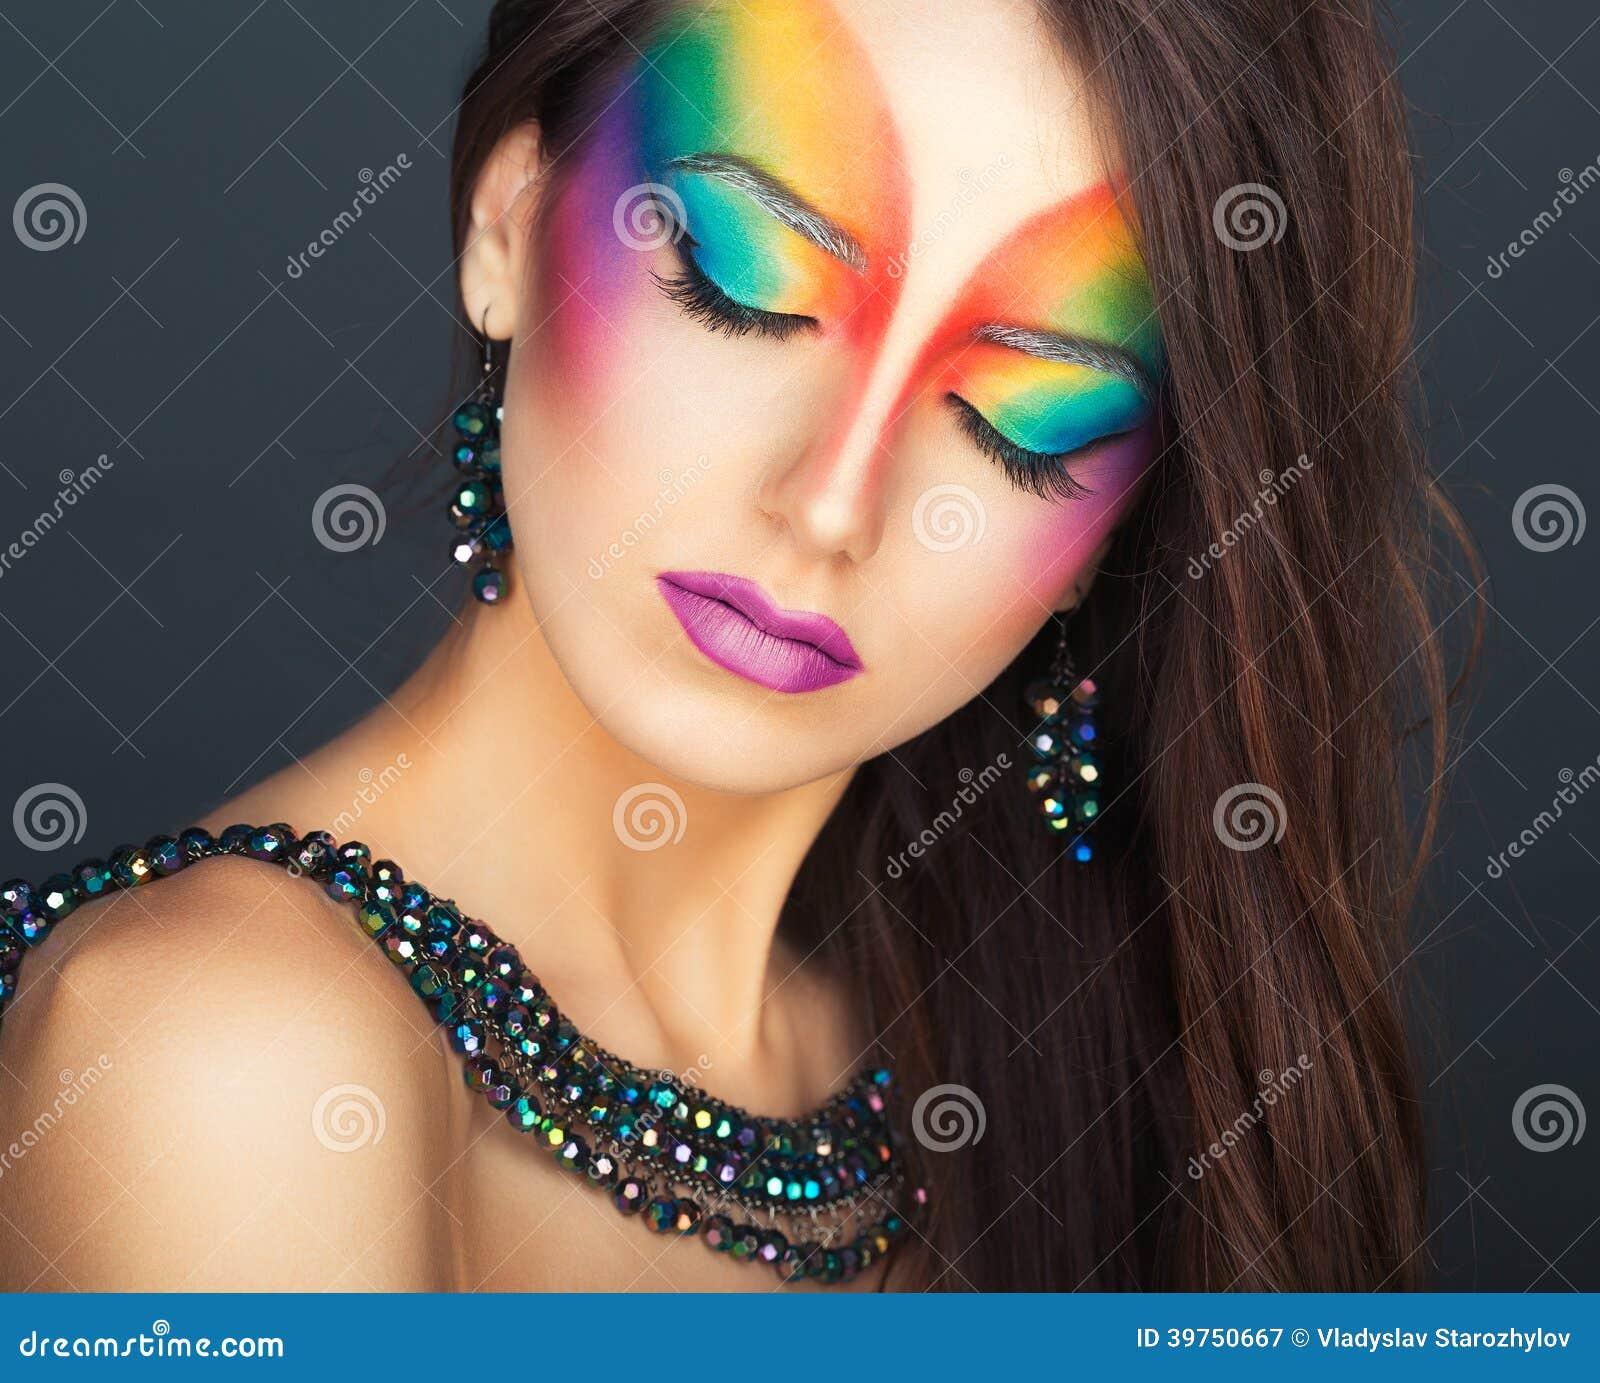 Πορτρέτο ενός νέου όμορφου κοριτσιού με ένα φωτεινό multico μόδας